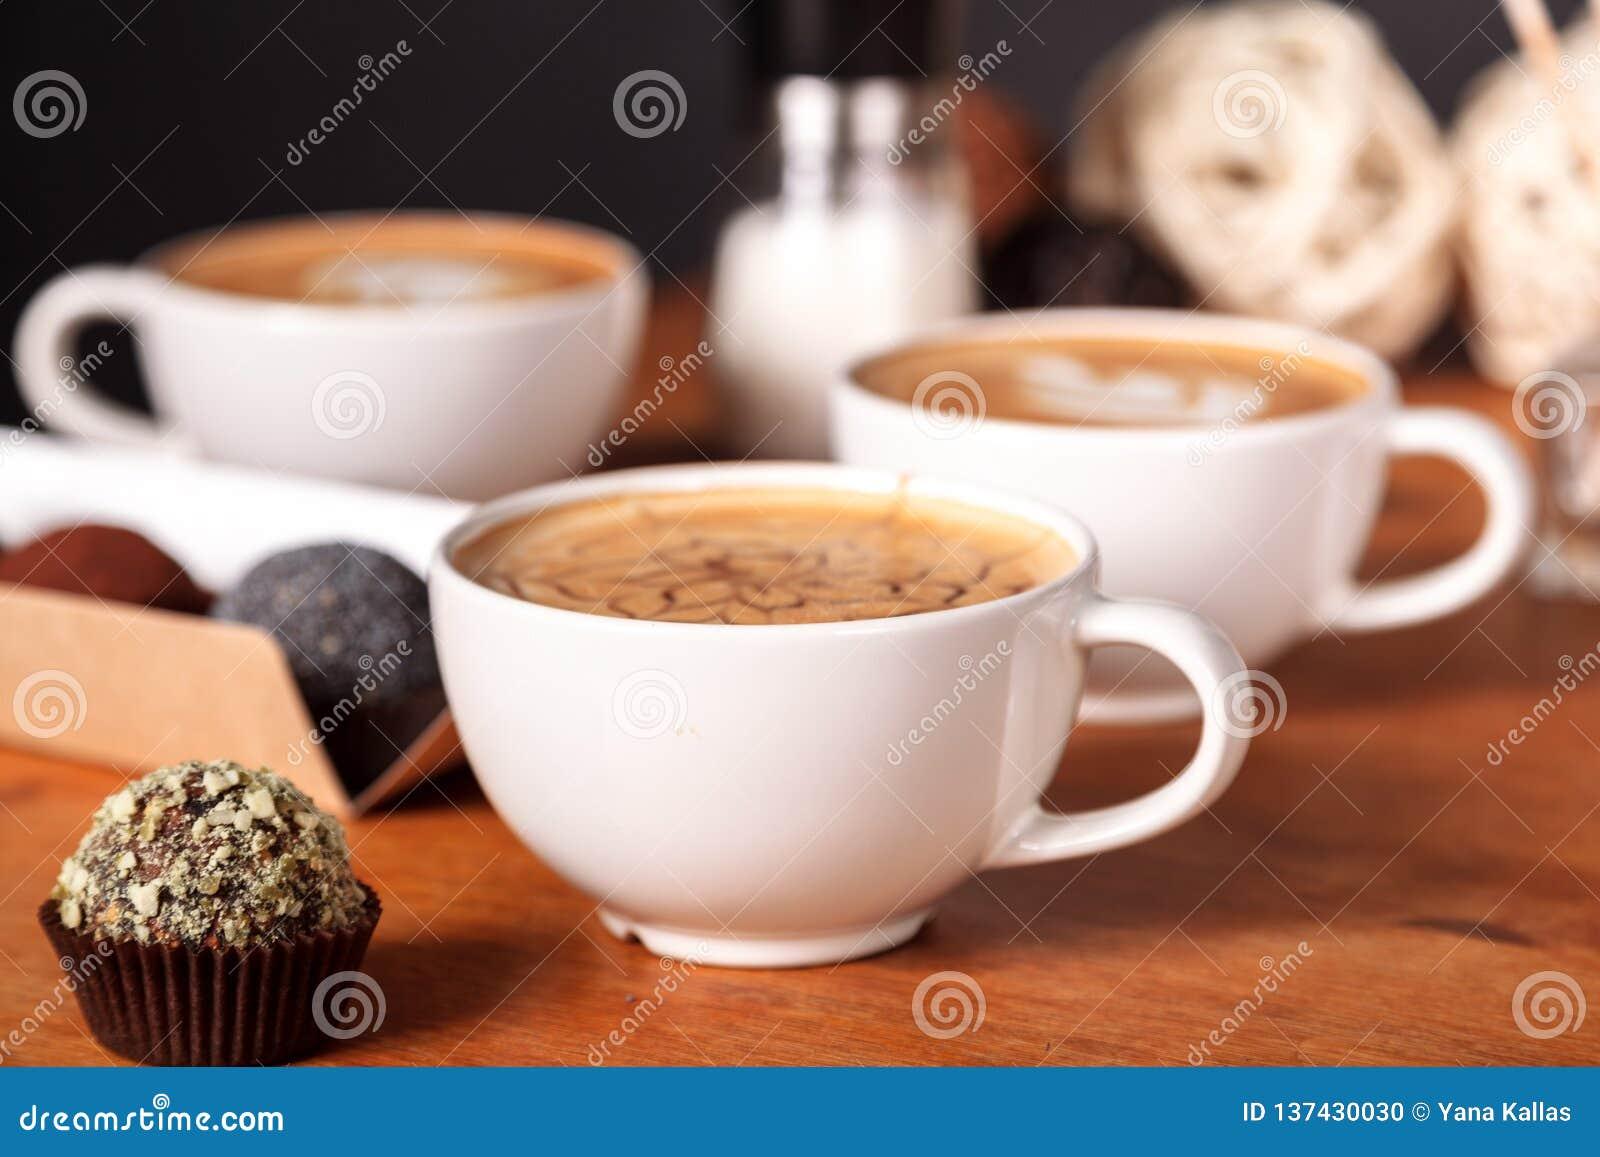 Drie lattekoppen en kleine cakes op de houten lijst in de koffie Mededeling meer dan een Kop van koffie, koffiepauze